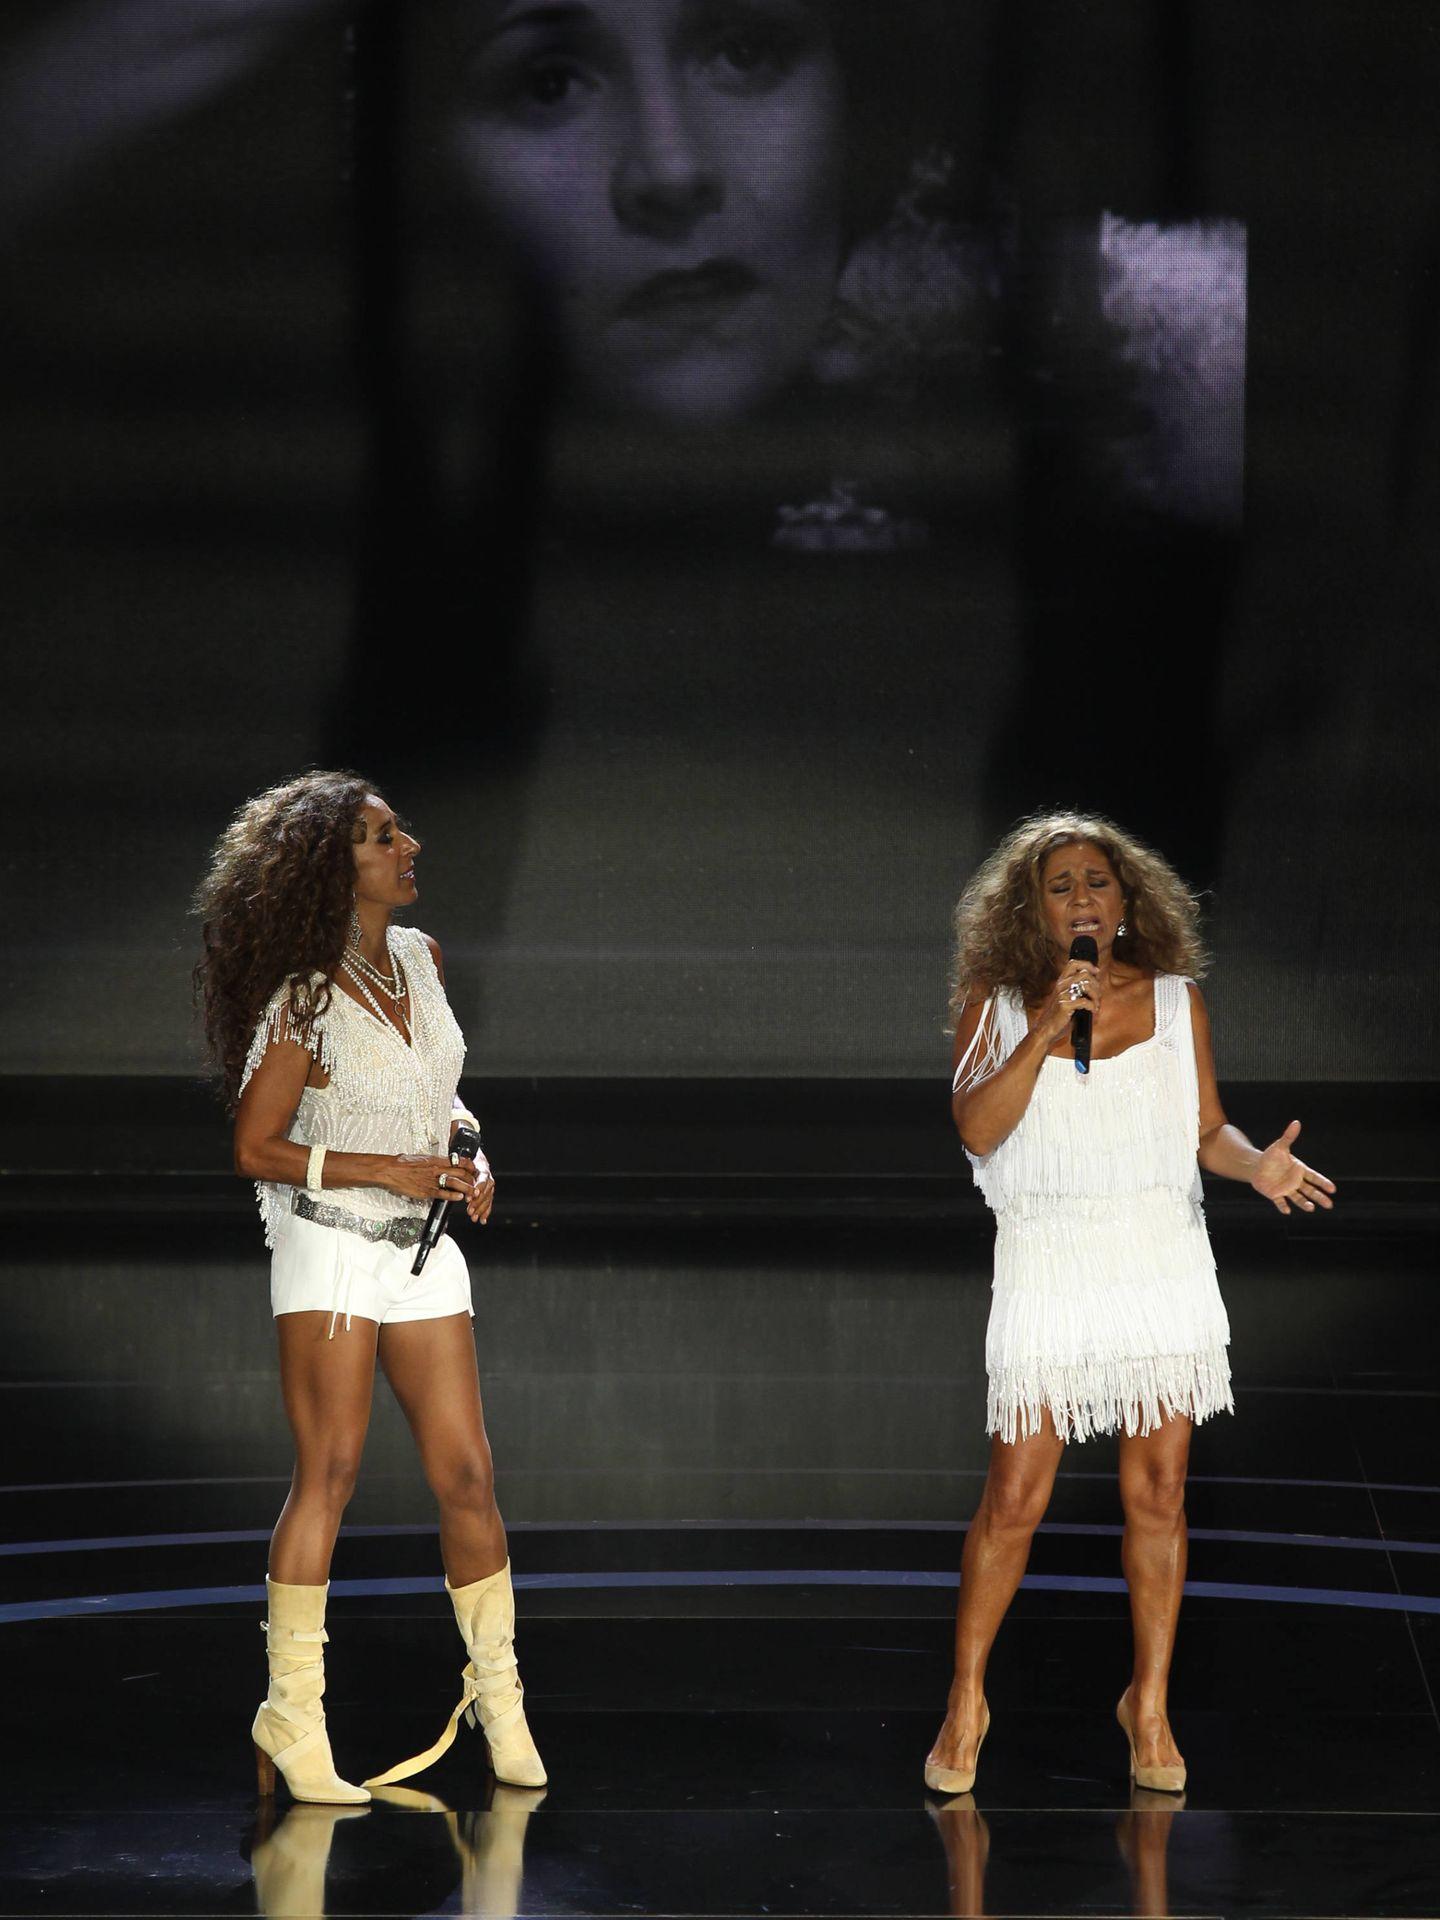 Rosario y Lolita, cantando juntas hace tres años con una imagen de Lola Flores detrás. (Getty)